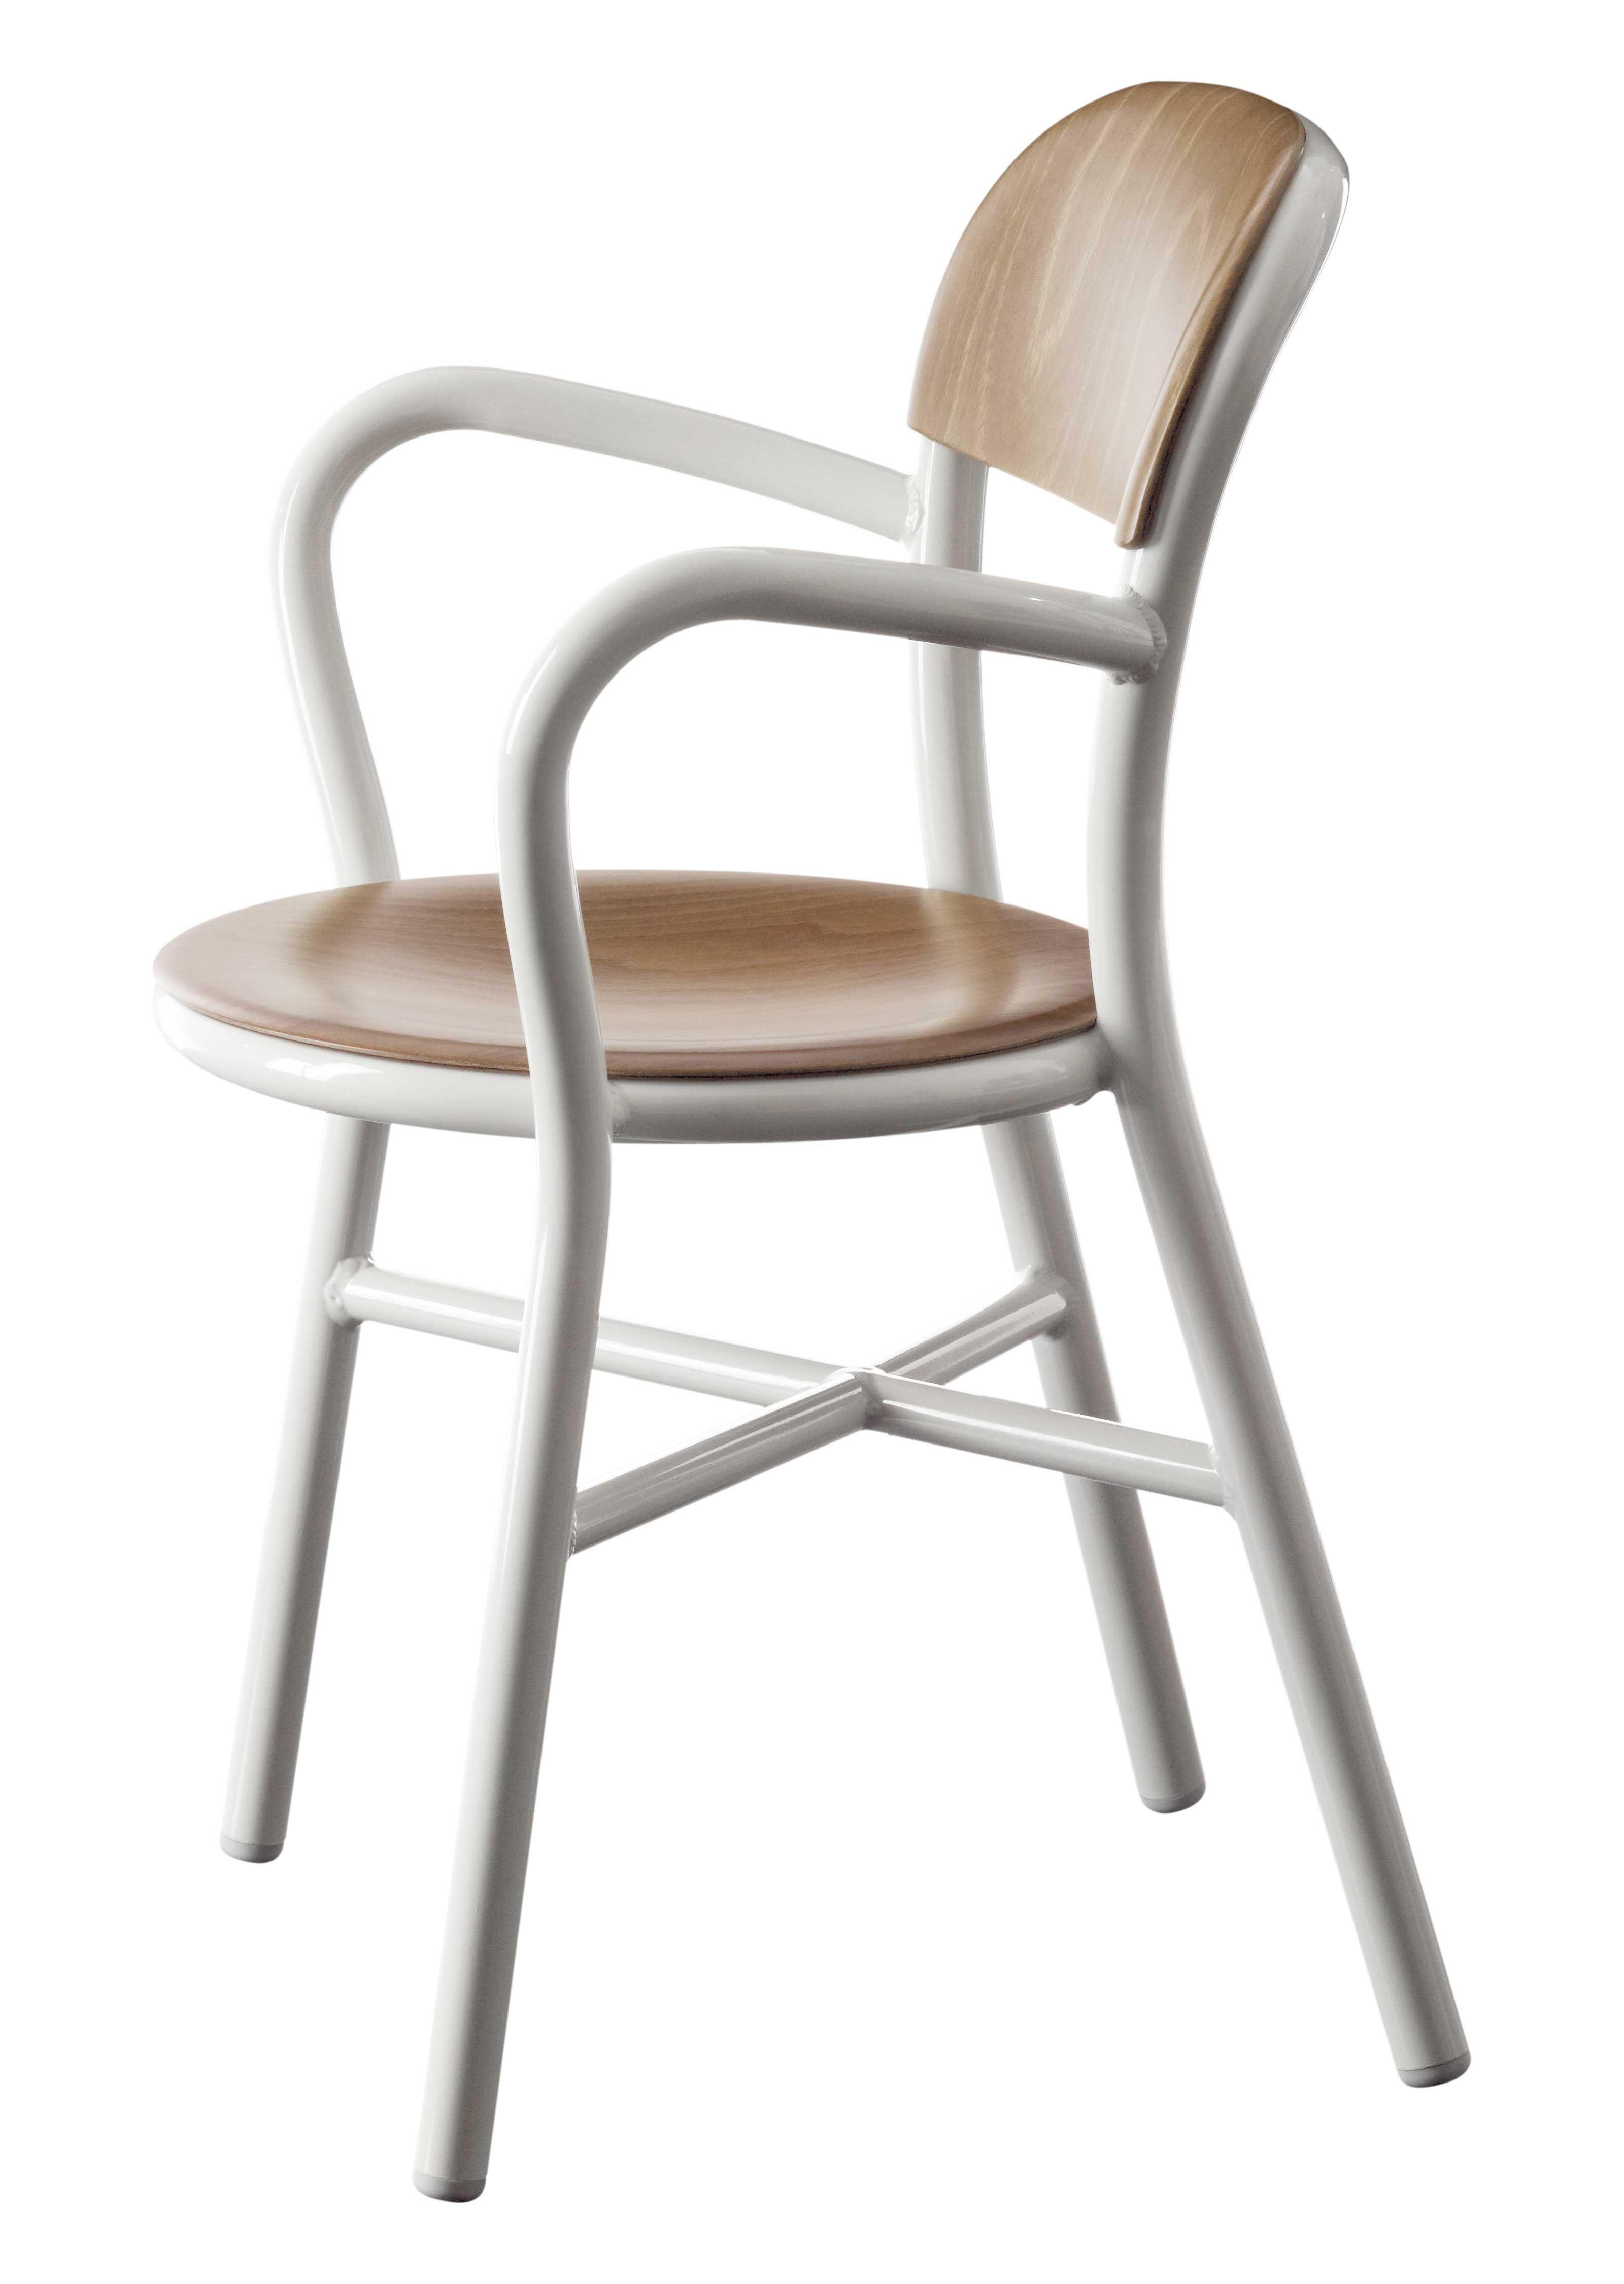 Möbel - Stühle  - Pipe Stapelbarer Sessel Variante Holz - Magis - Weiß / Buche natur - klarlackbeschichtetes Aluminium, Vielschicht-Sperrholz in Buche